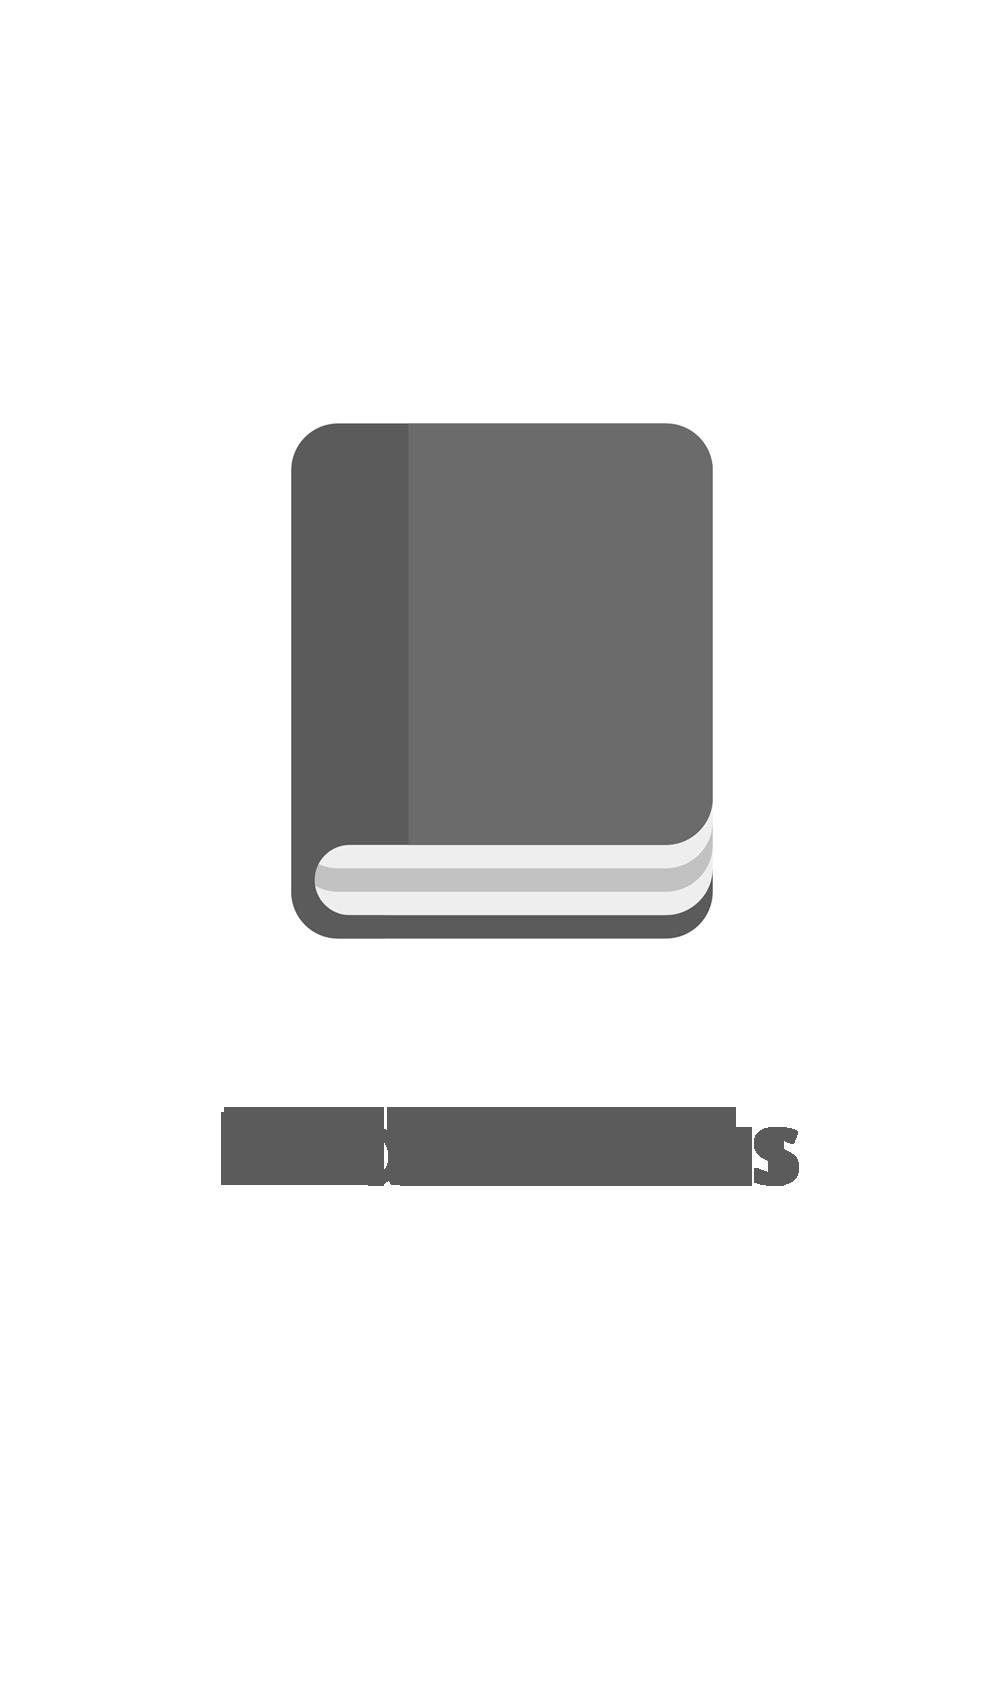 Pro Open Source Mail: Building an Enterprise Mail Solution